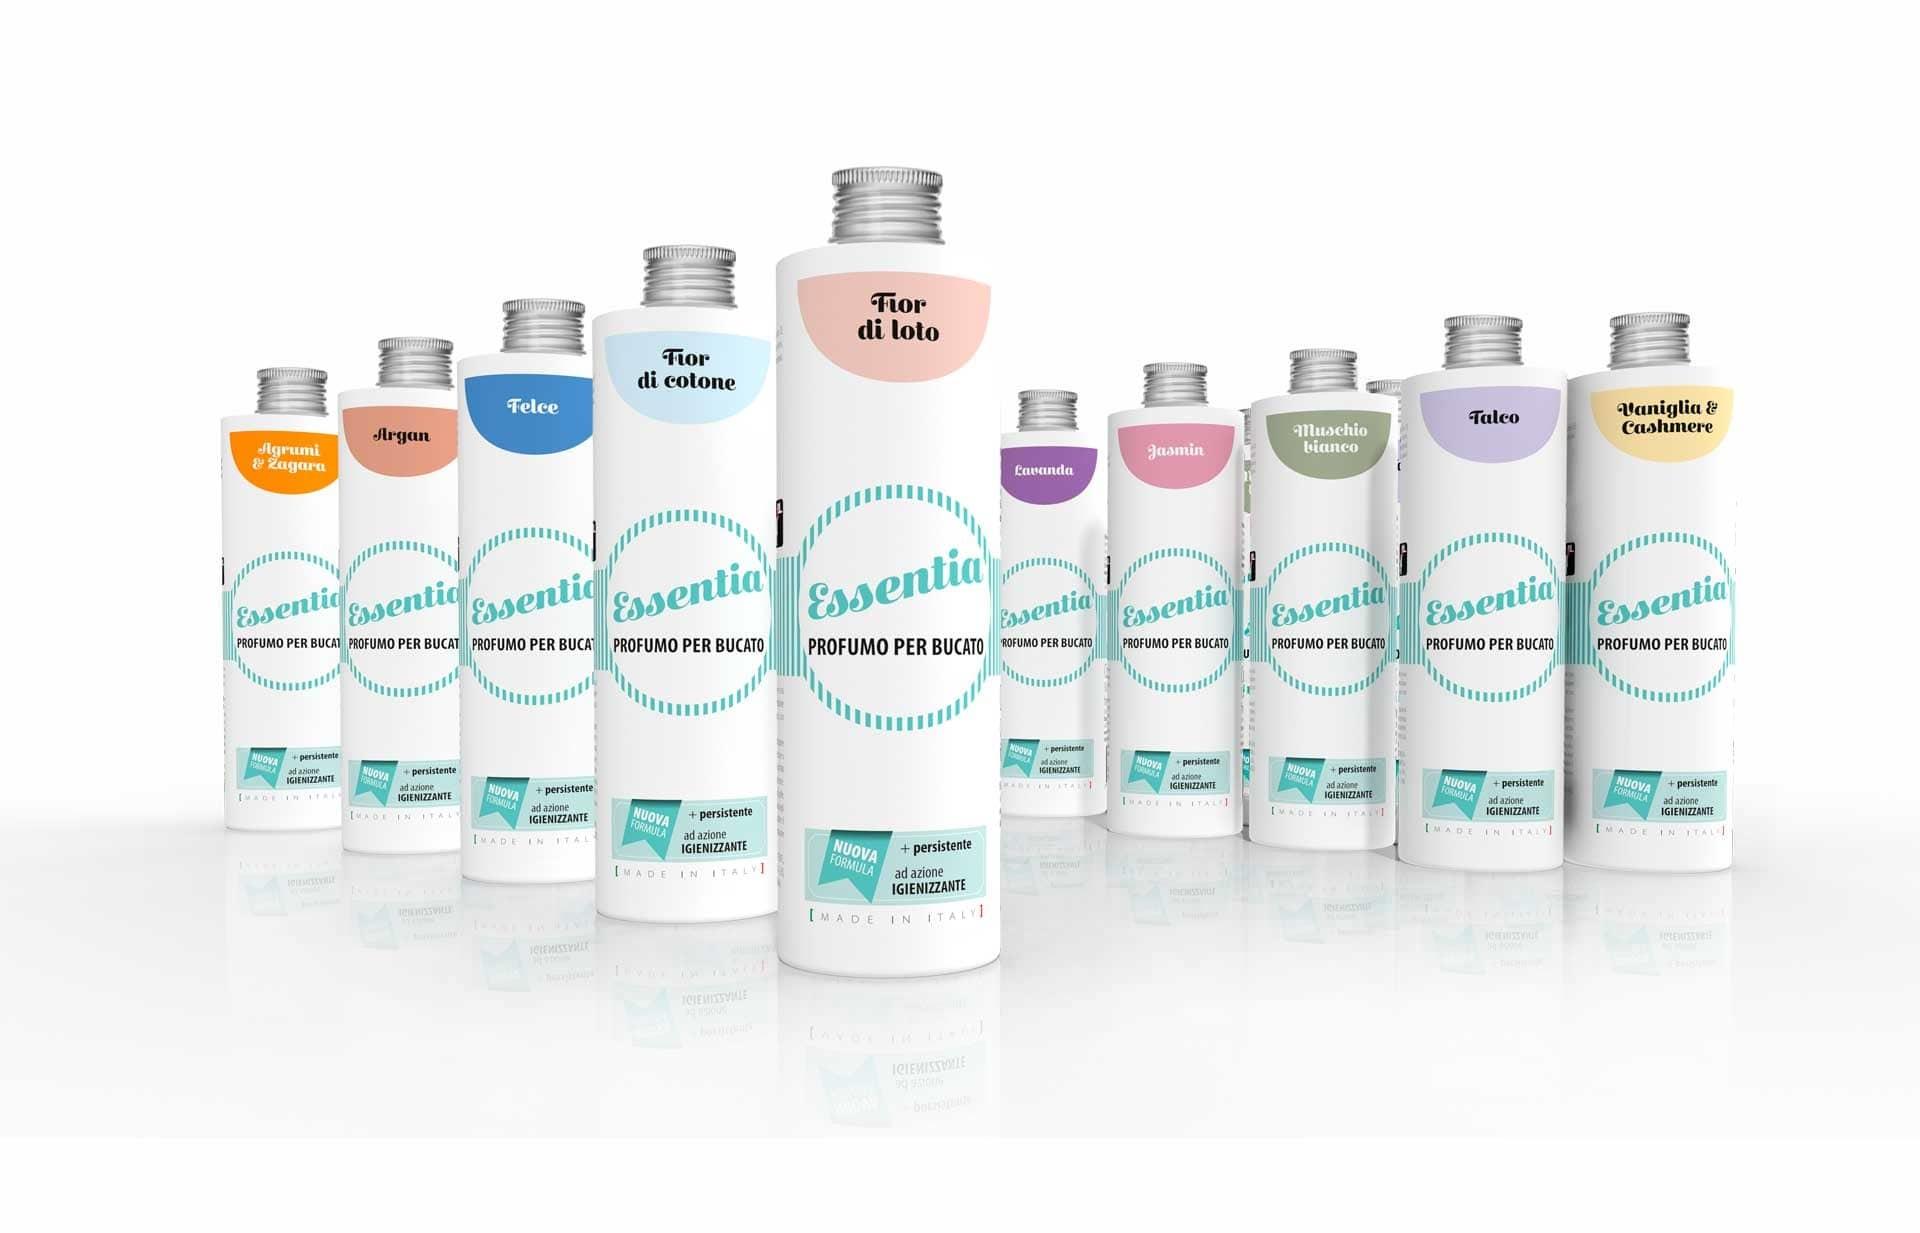 Wasgeluk WASGELUK GESCHENKDOOS ESSENTIA 10 Flessen van 50 ML